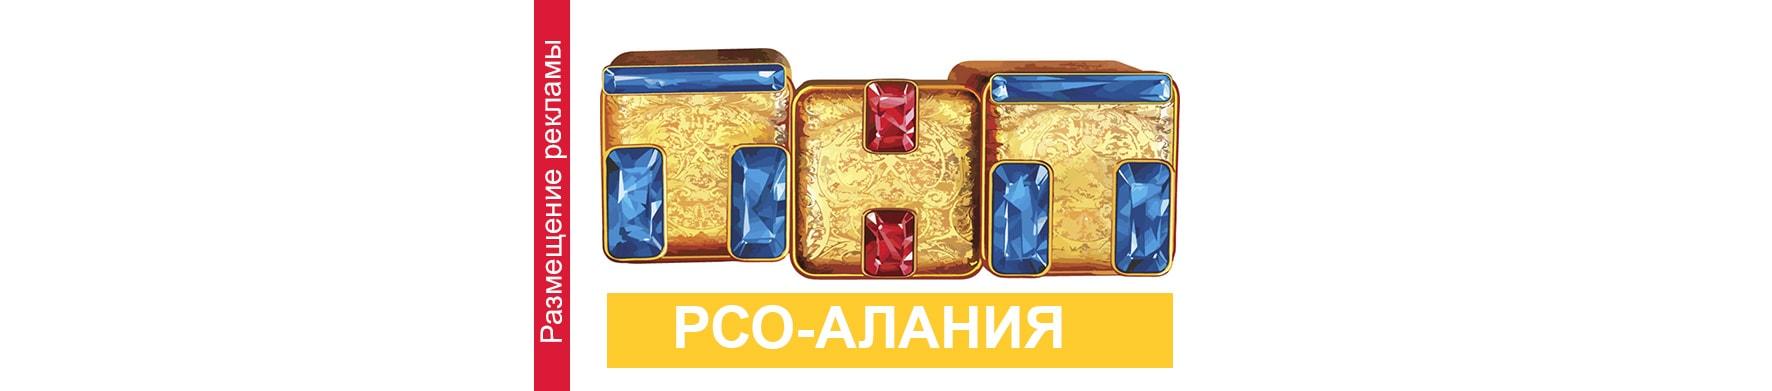 Реклама на телевидении в РСО-Алания ТНТ